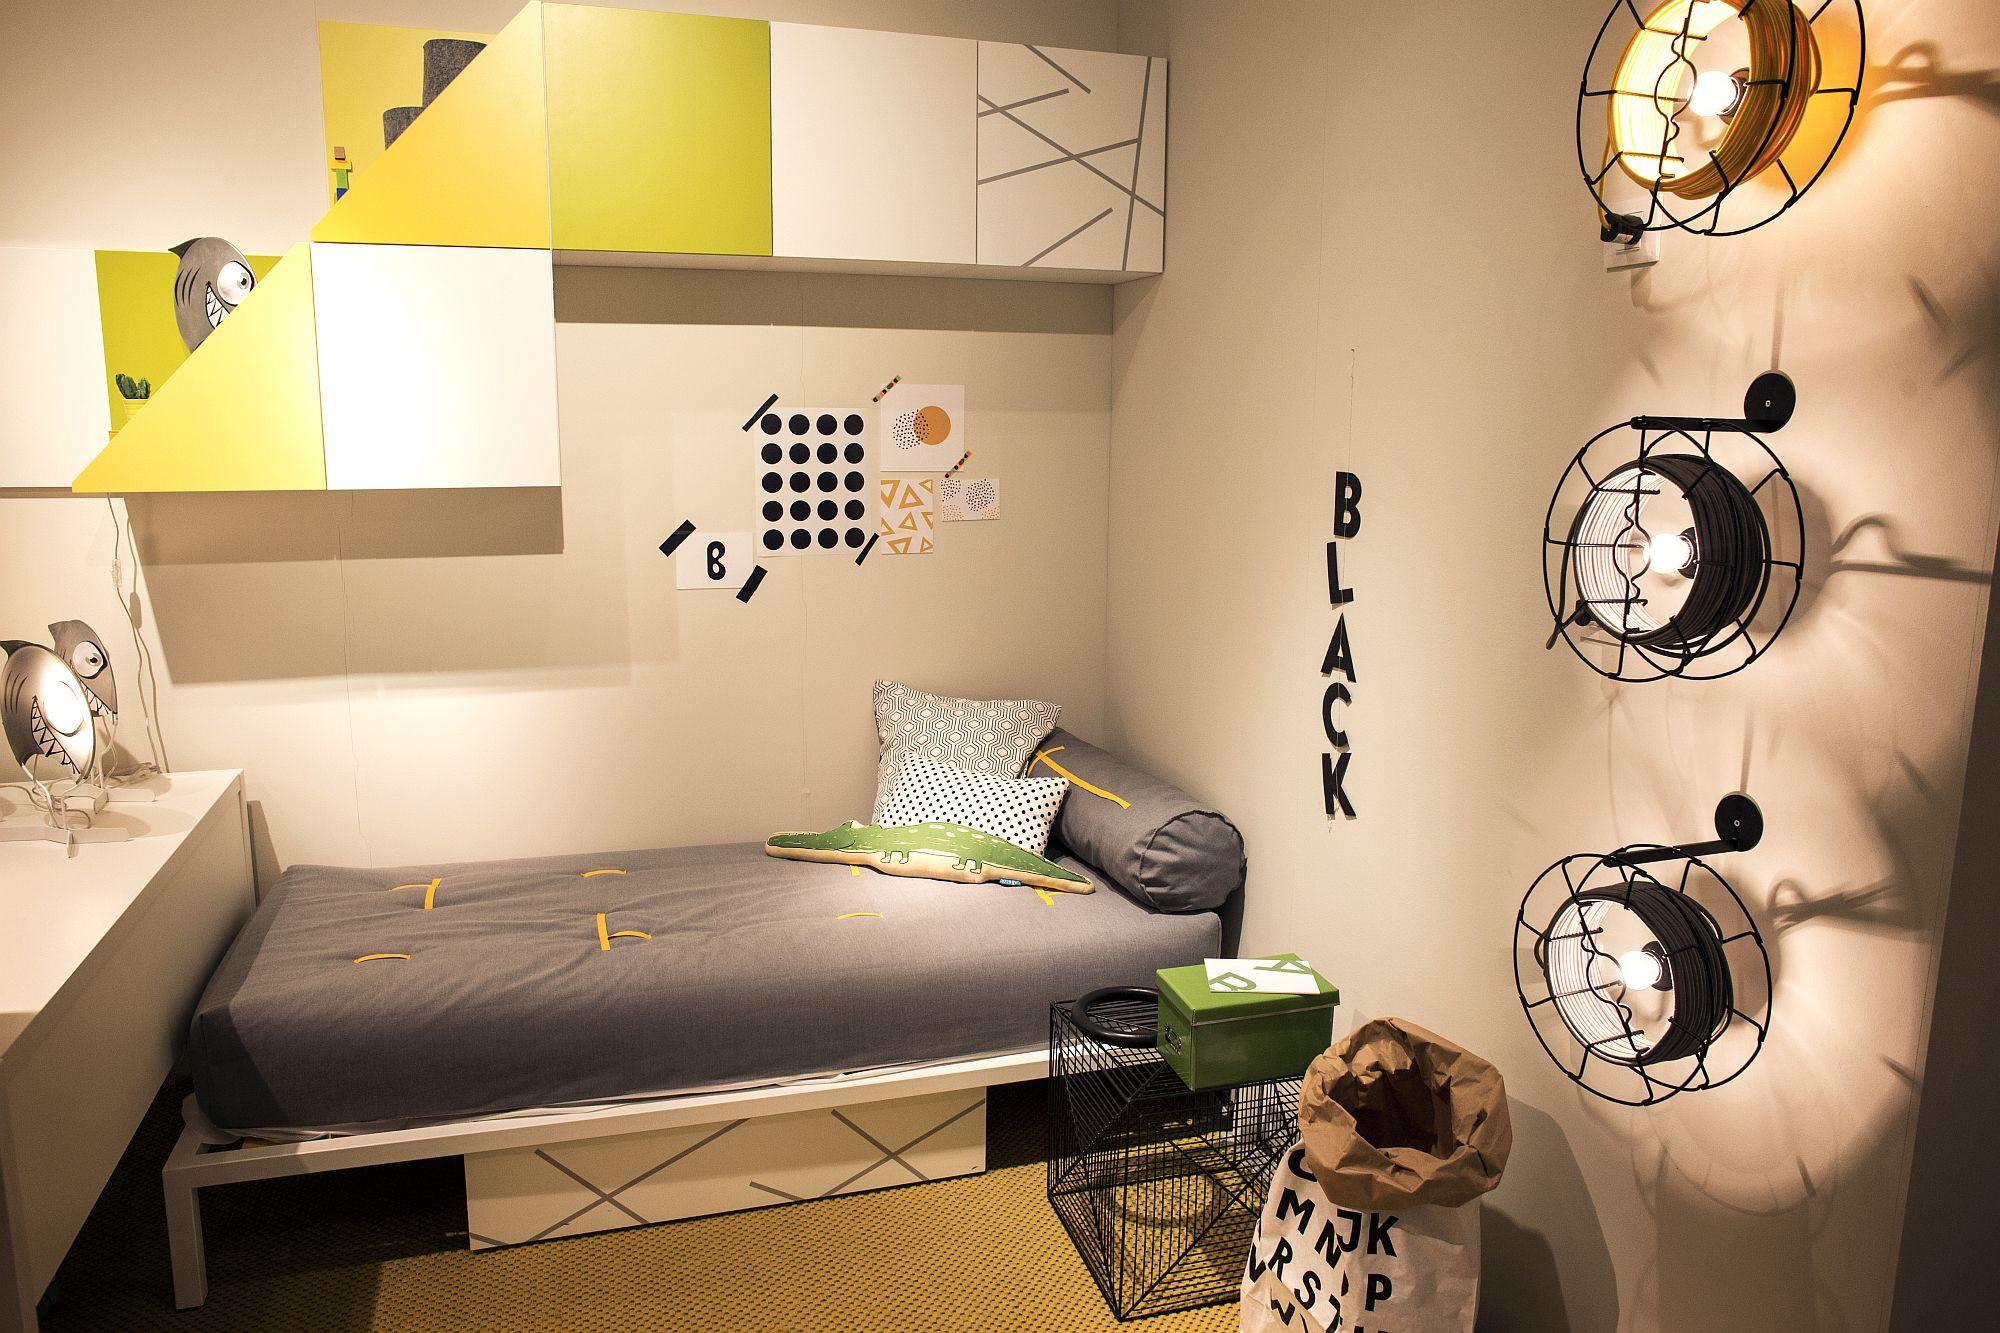 Fun-lighting-fixtures-for-the-kids-room